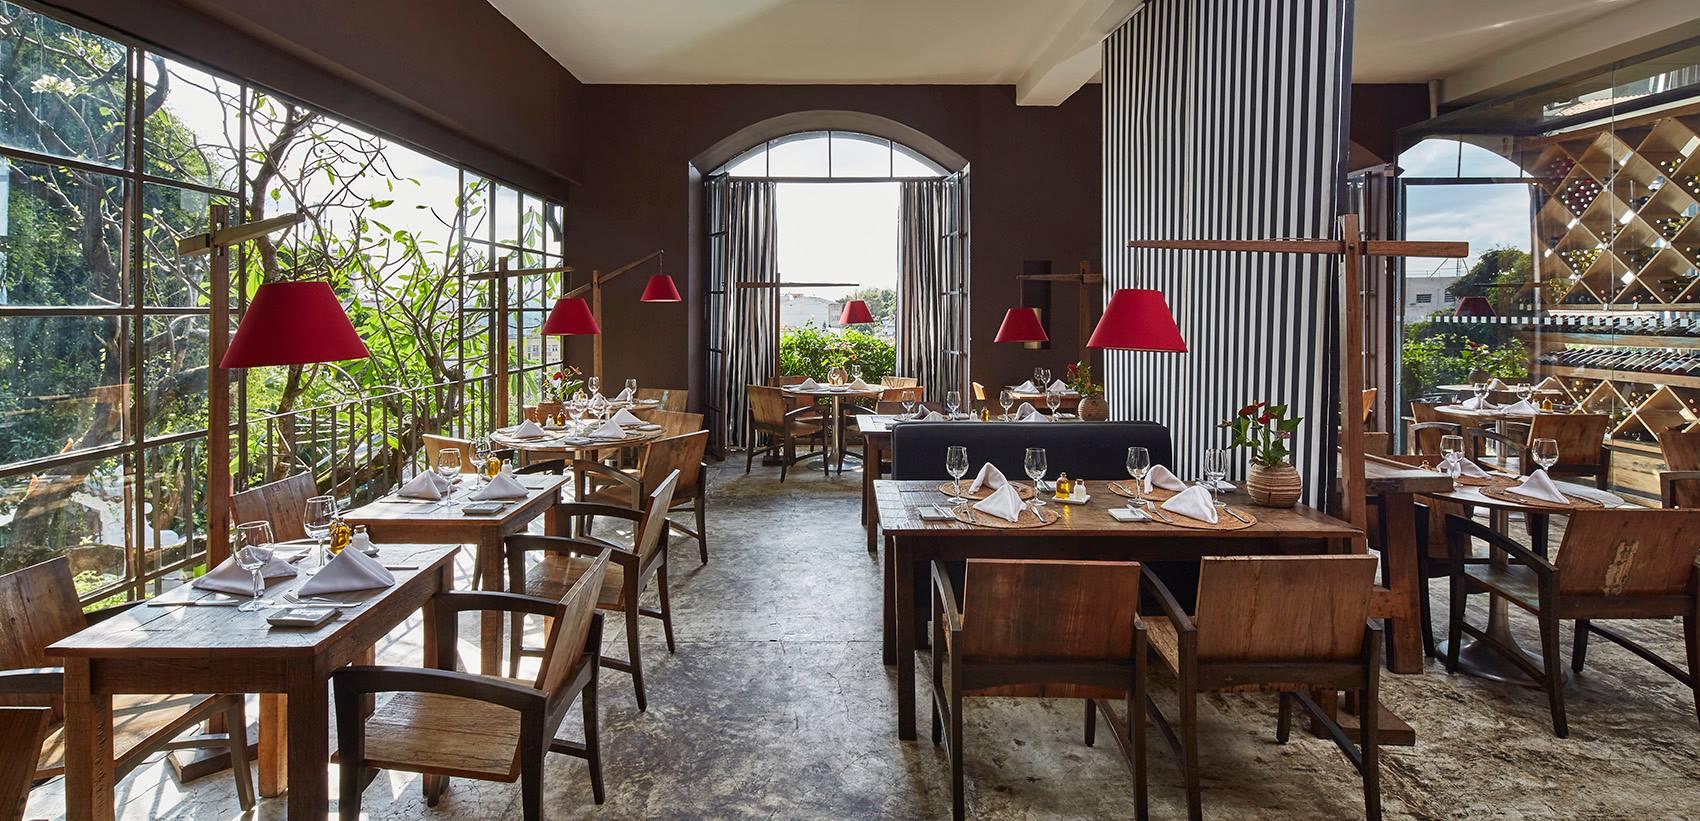 restaurant Tereze a Santa Teresa Rio de Janeiro